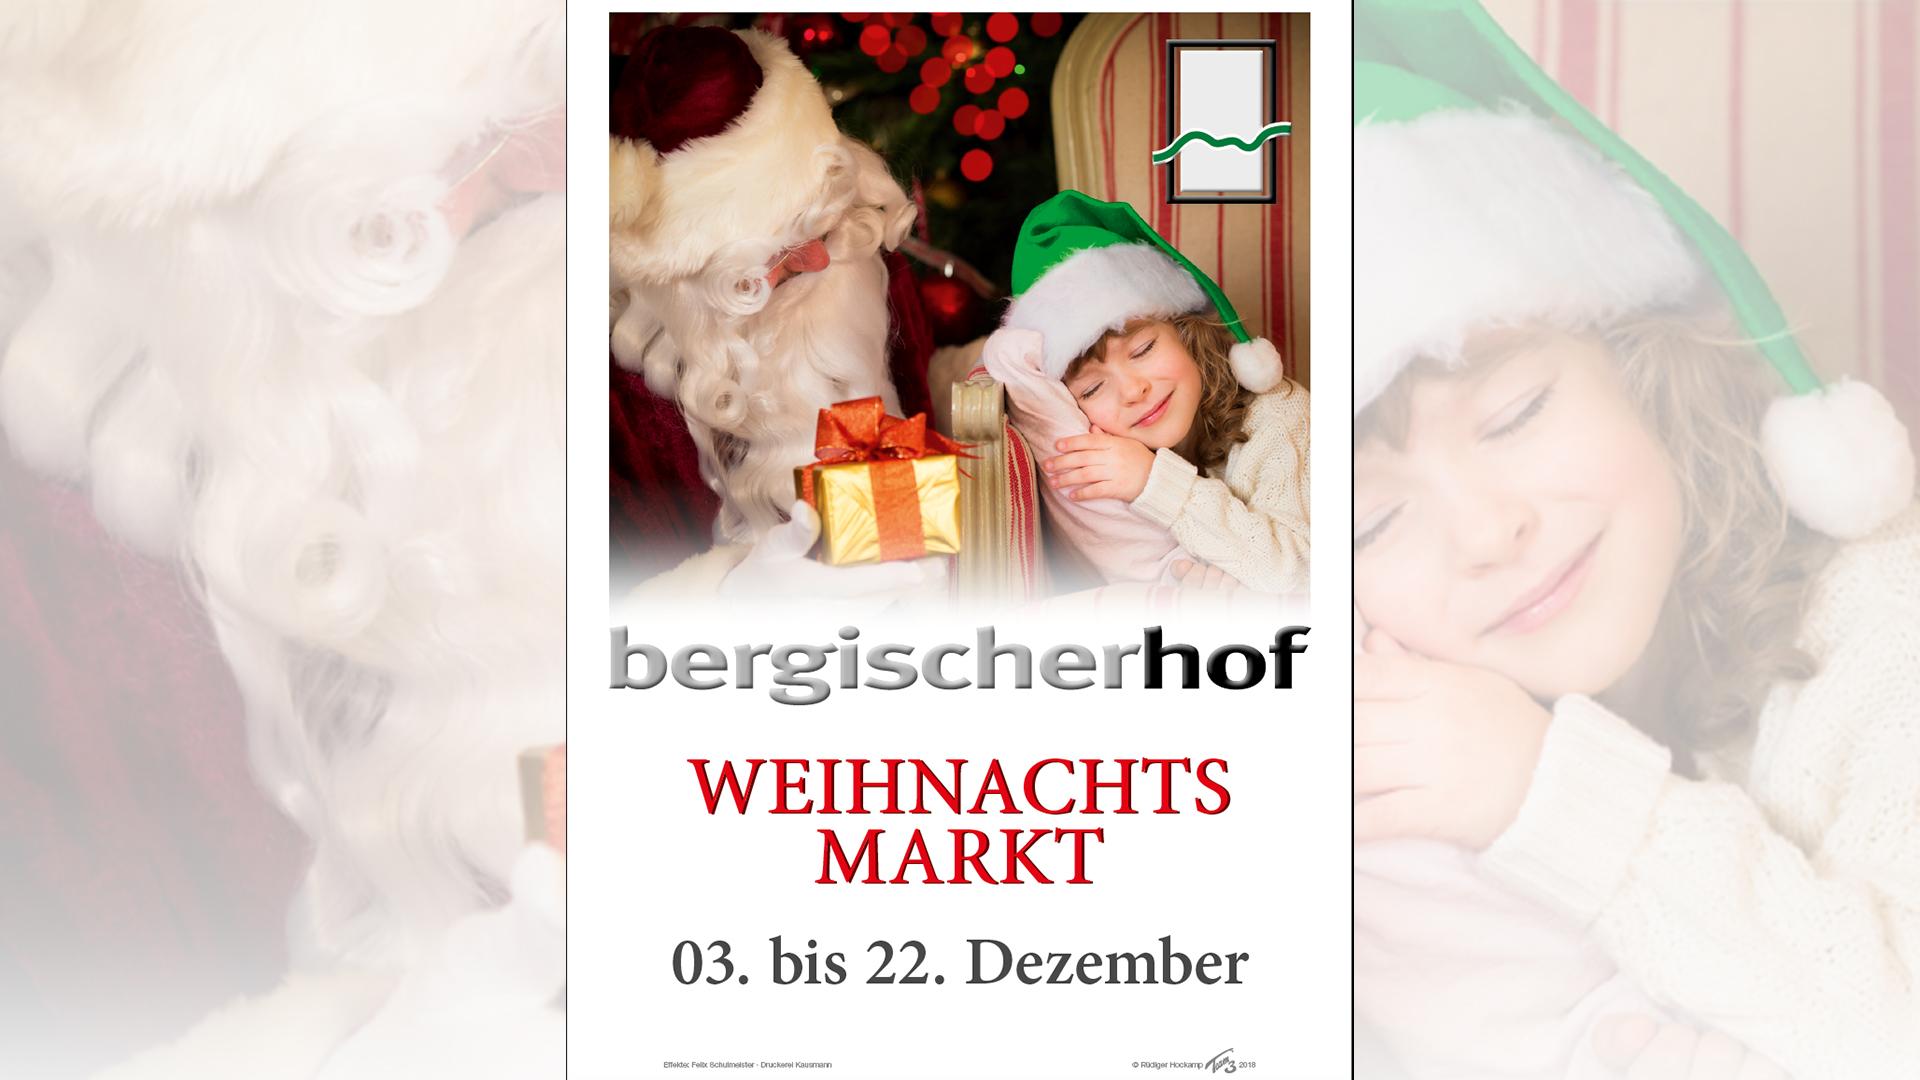 Bergischer Hof | Weihnachtsmarkt 2018